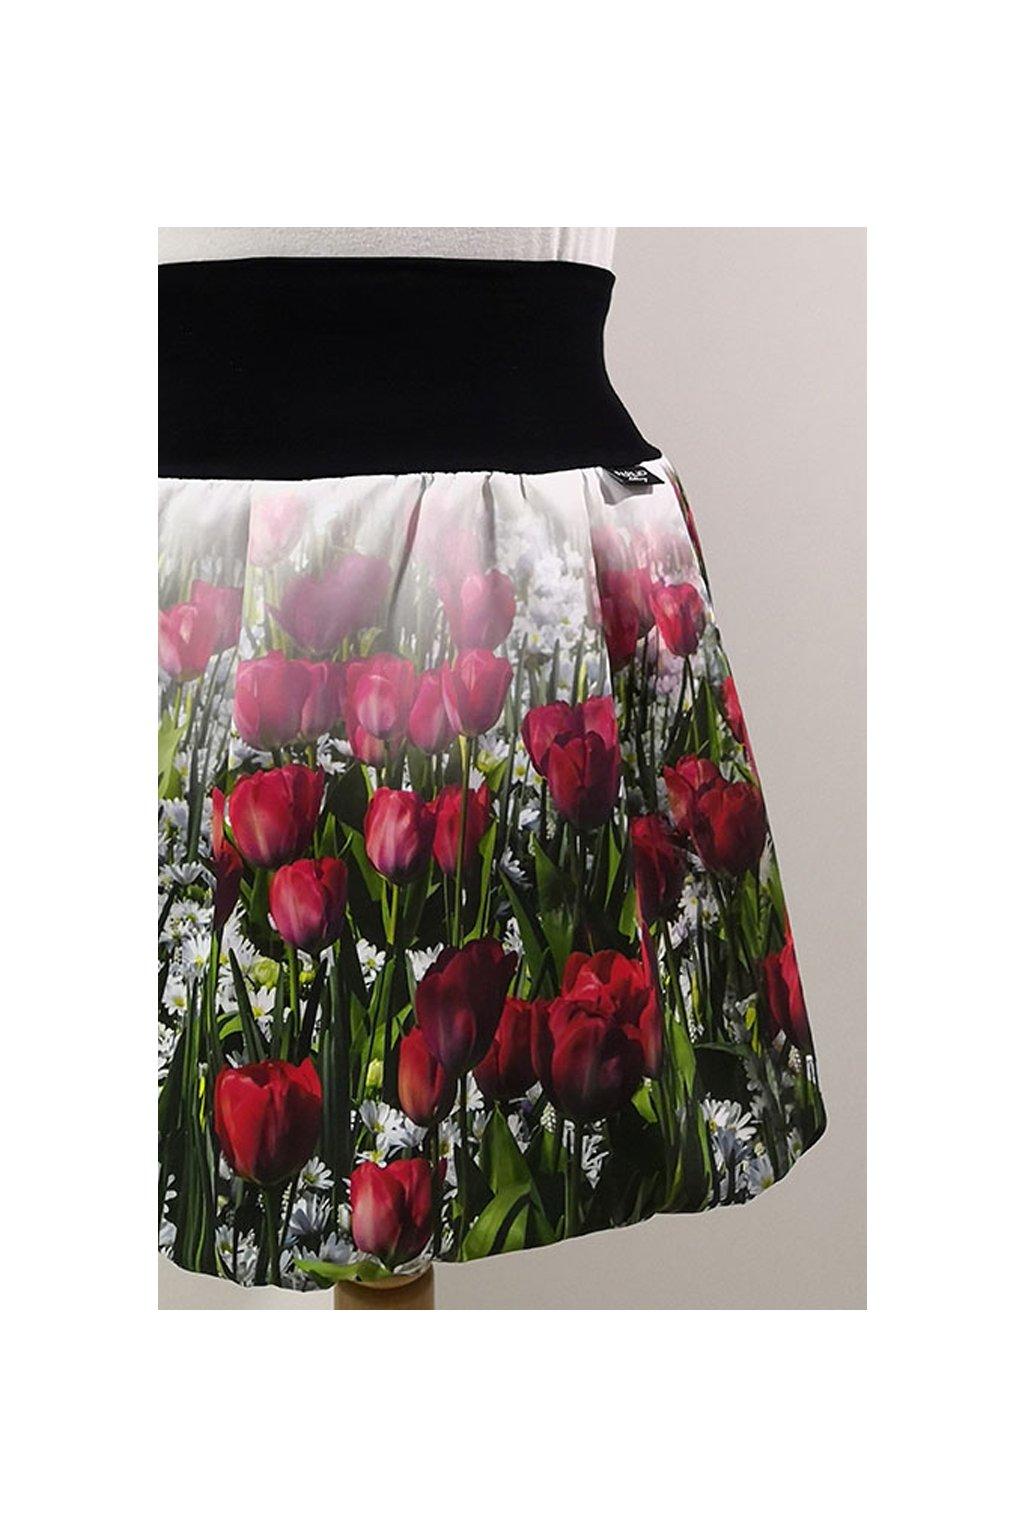 Rudé tulipány   micropeach